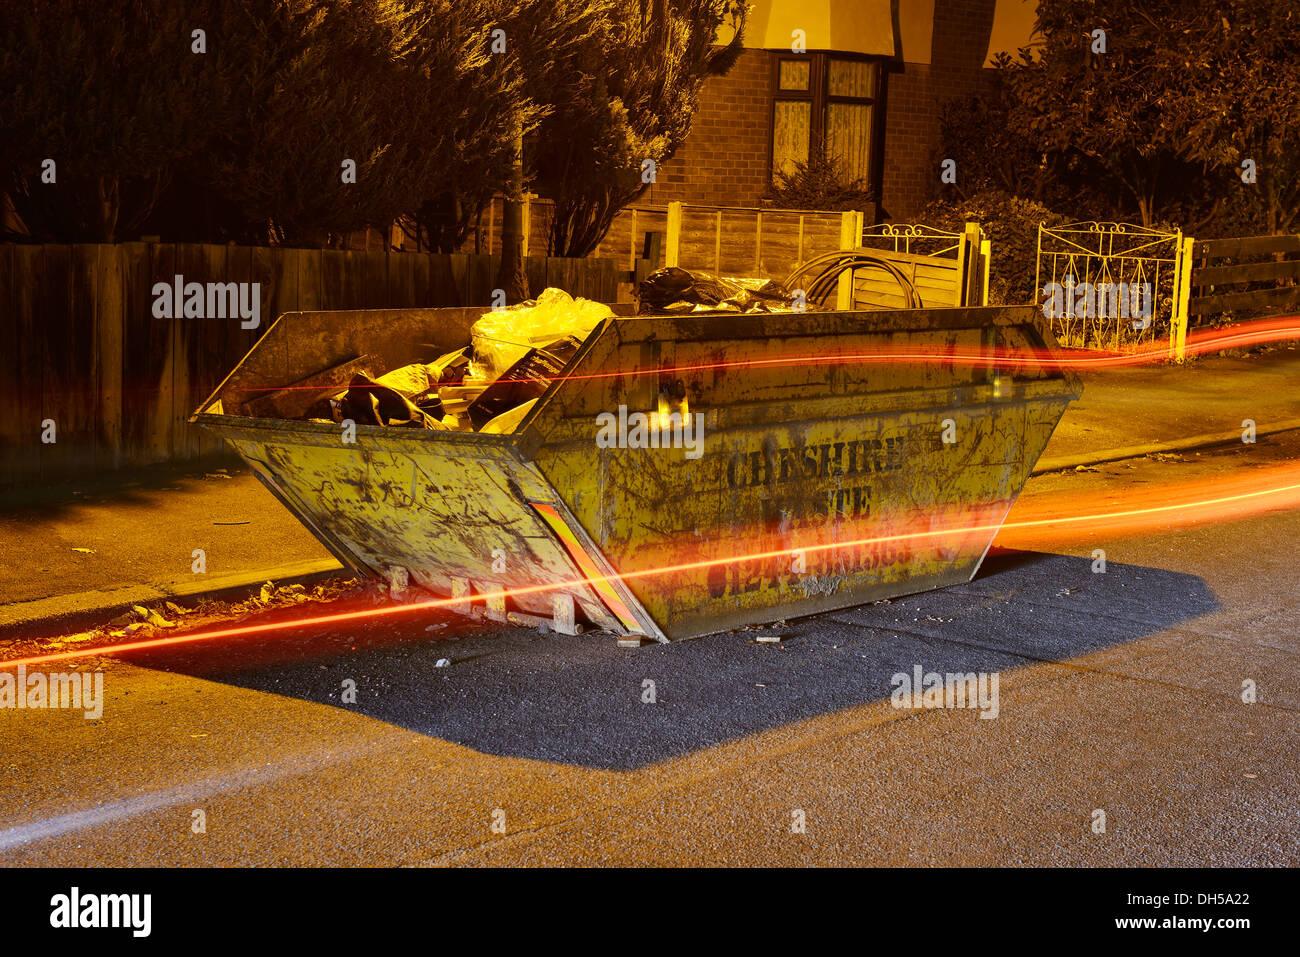 Saltar grande de metal colocado en el lado de una carretera como unidades de tráfico pasado Imagen De Stock